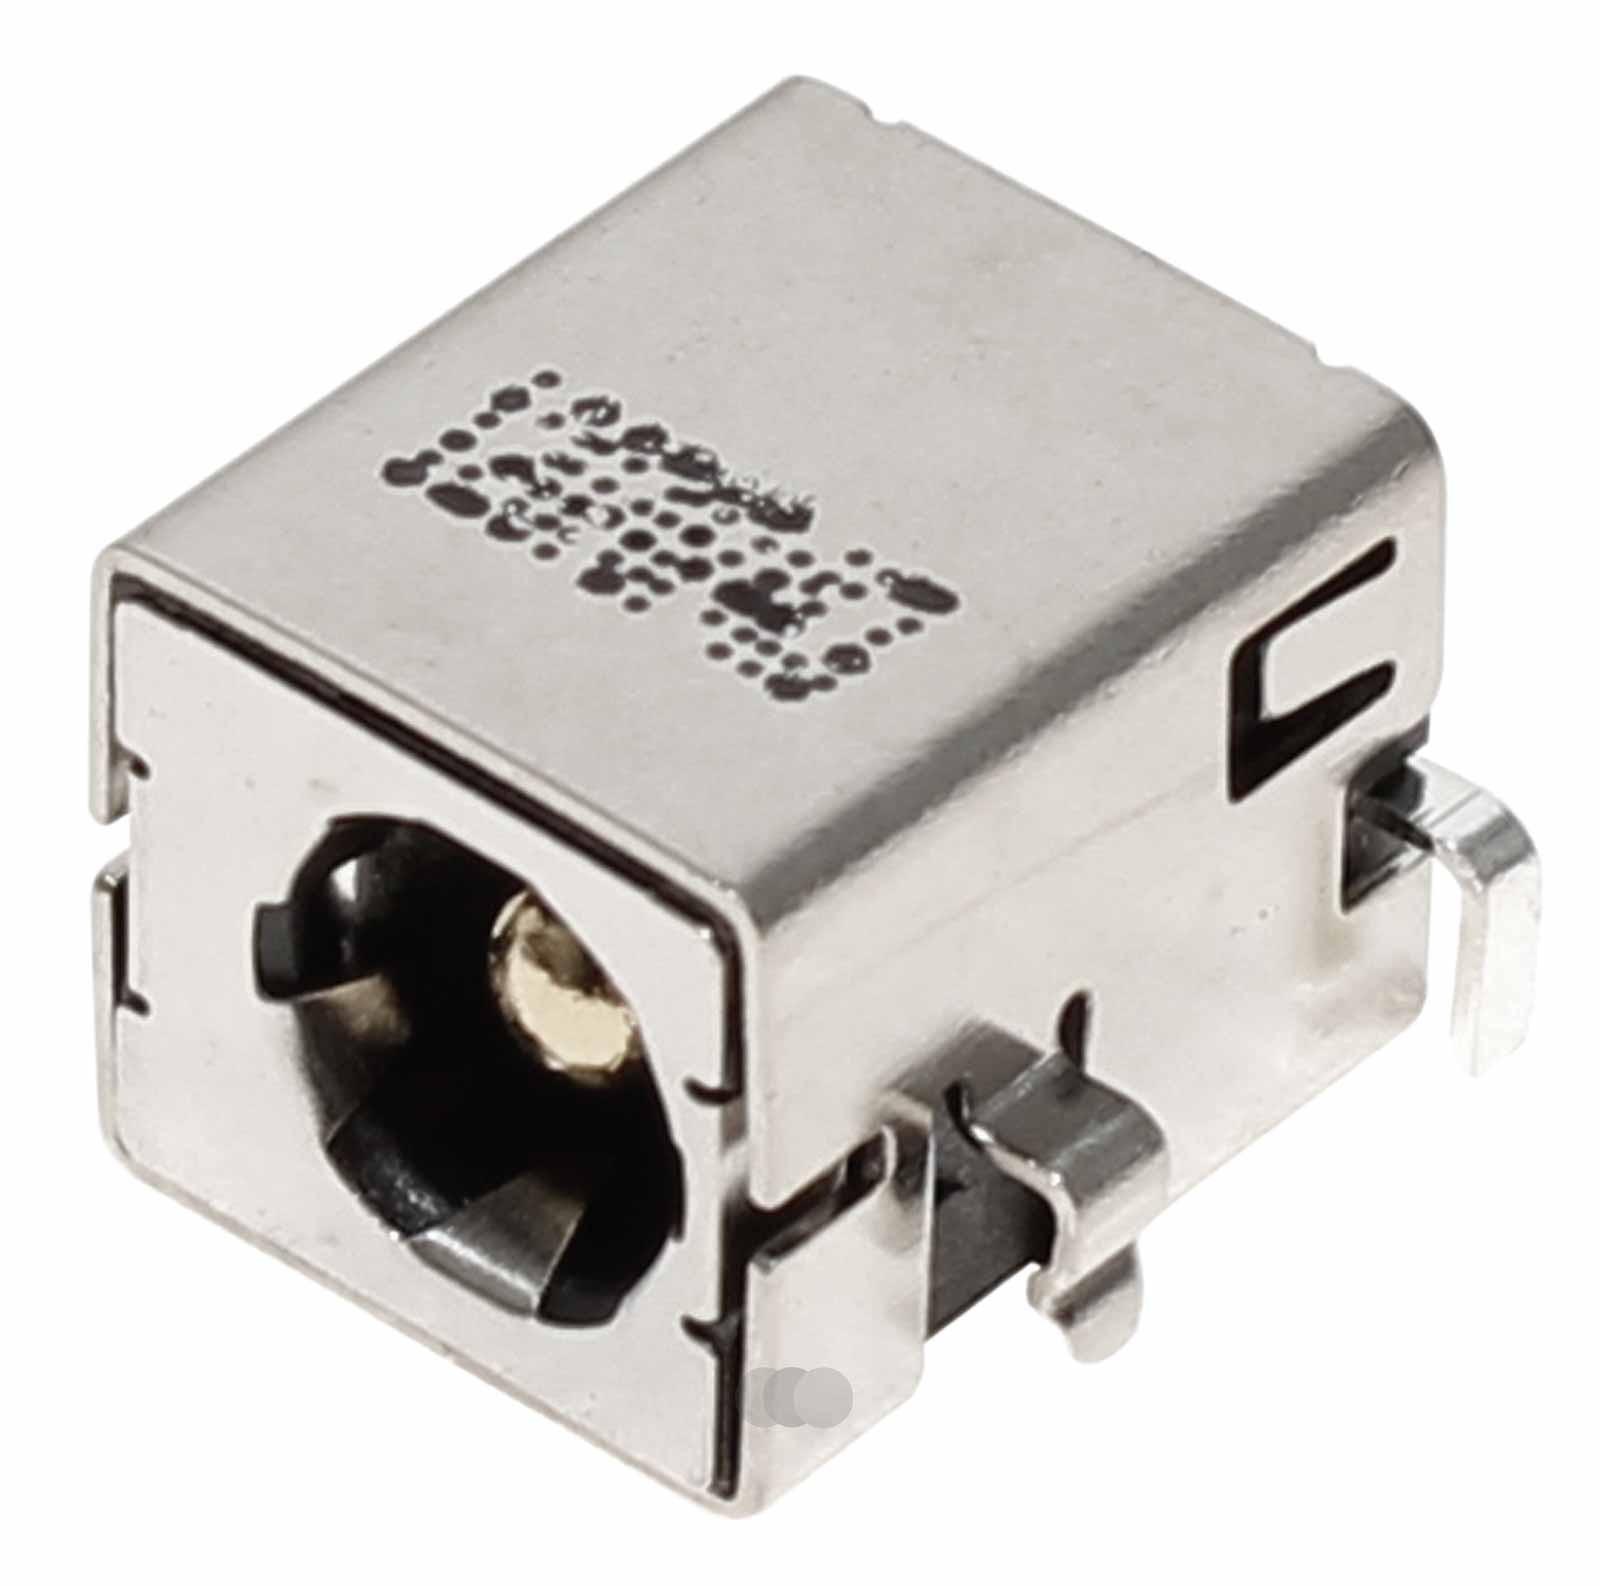 ASUS 12G14550103B Ladebuchse DC Netz Strom Buchse 3P, DC-In Power Jack, K53S, K54HR, K43E, K53SV, K54L, A52J